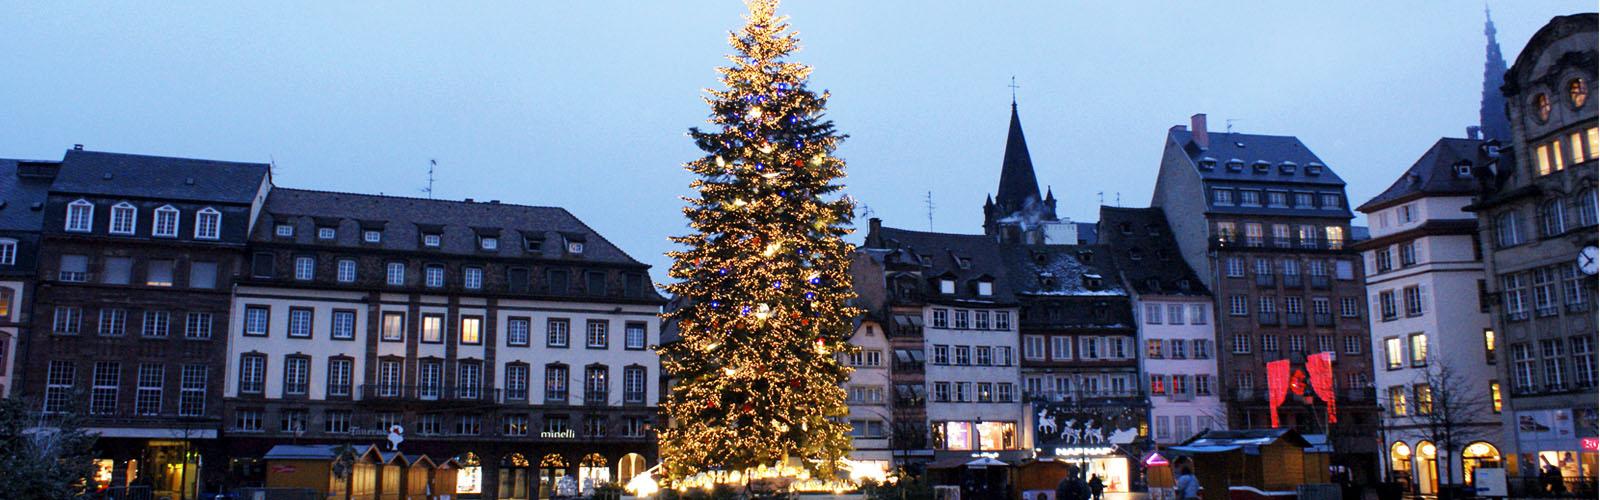 Estrasburgo Cruceros Mercados navidad